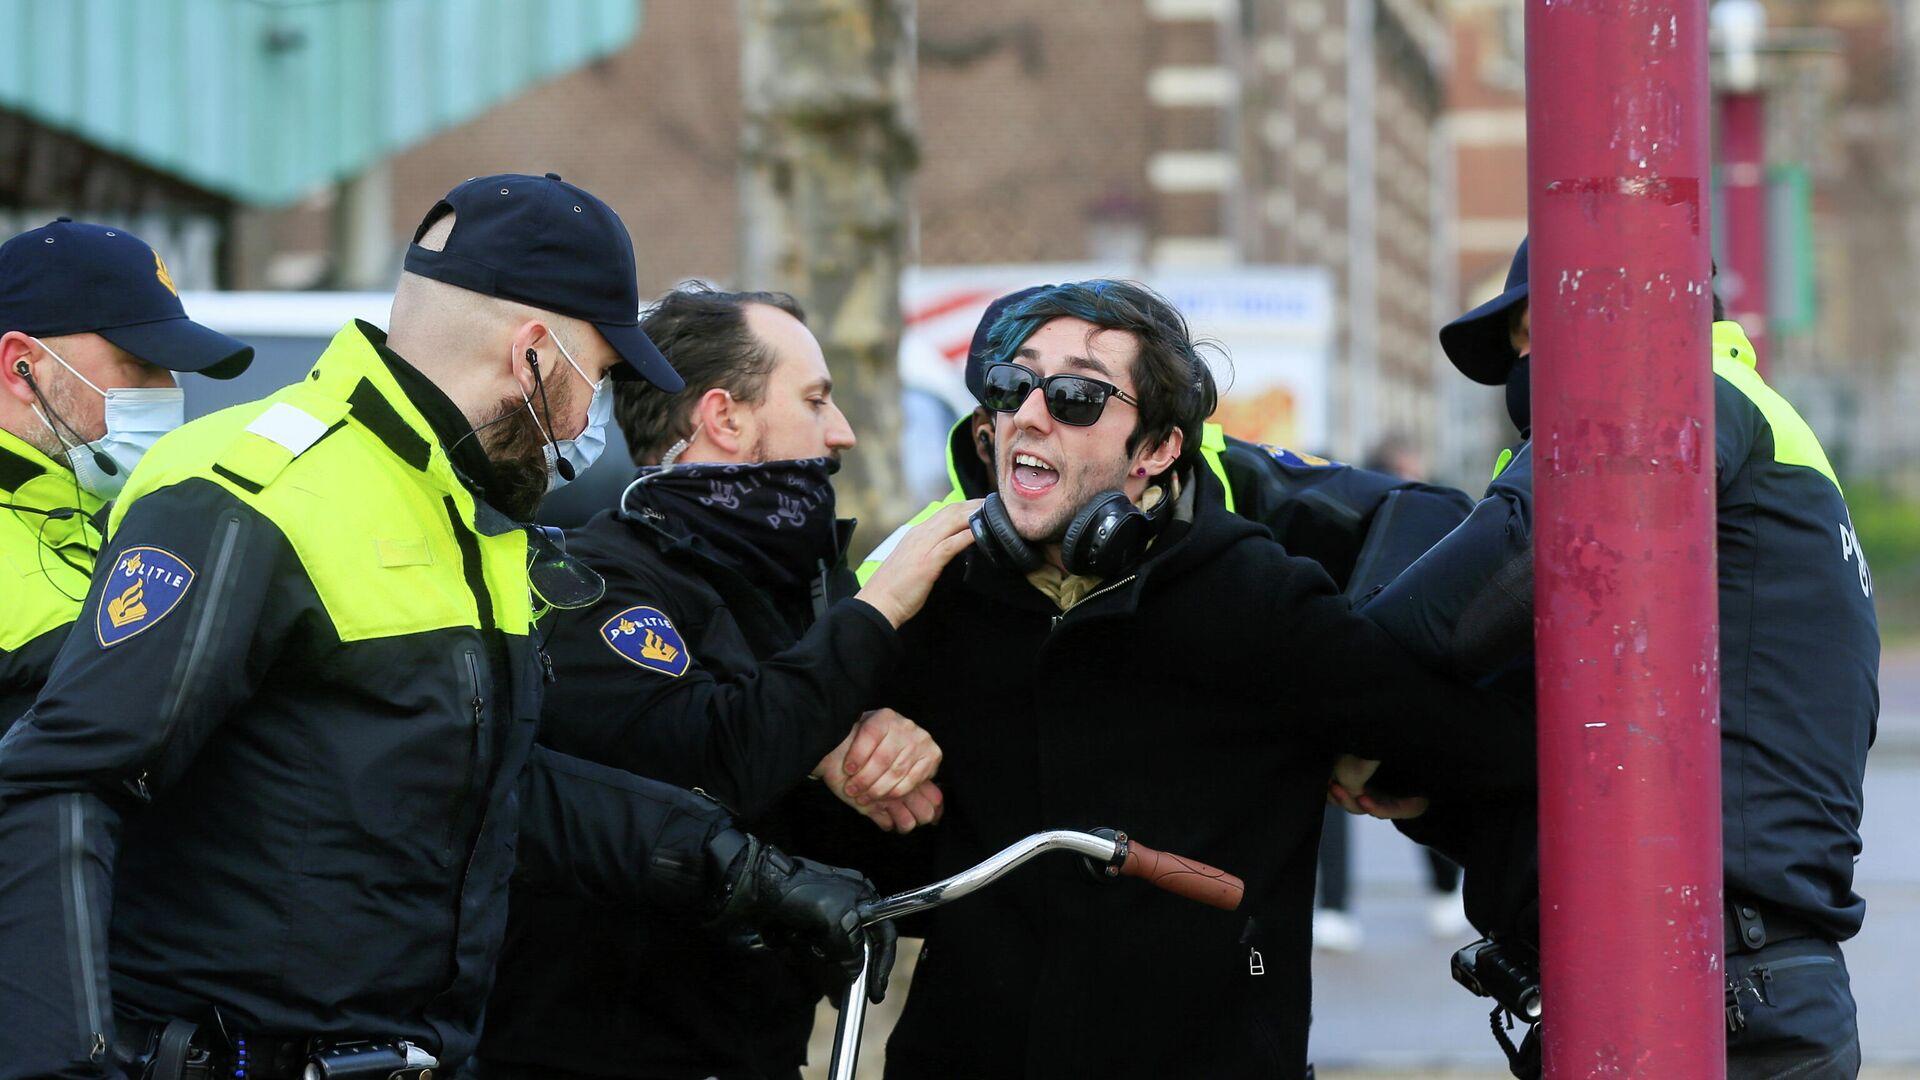 Полицейские во время задержания участника акции протеста против ограничений, введенных для сдерживания распространения коронавируса в Амстердаме - РИА Новости, 1920, 28.01.2021